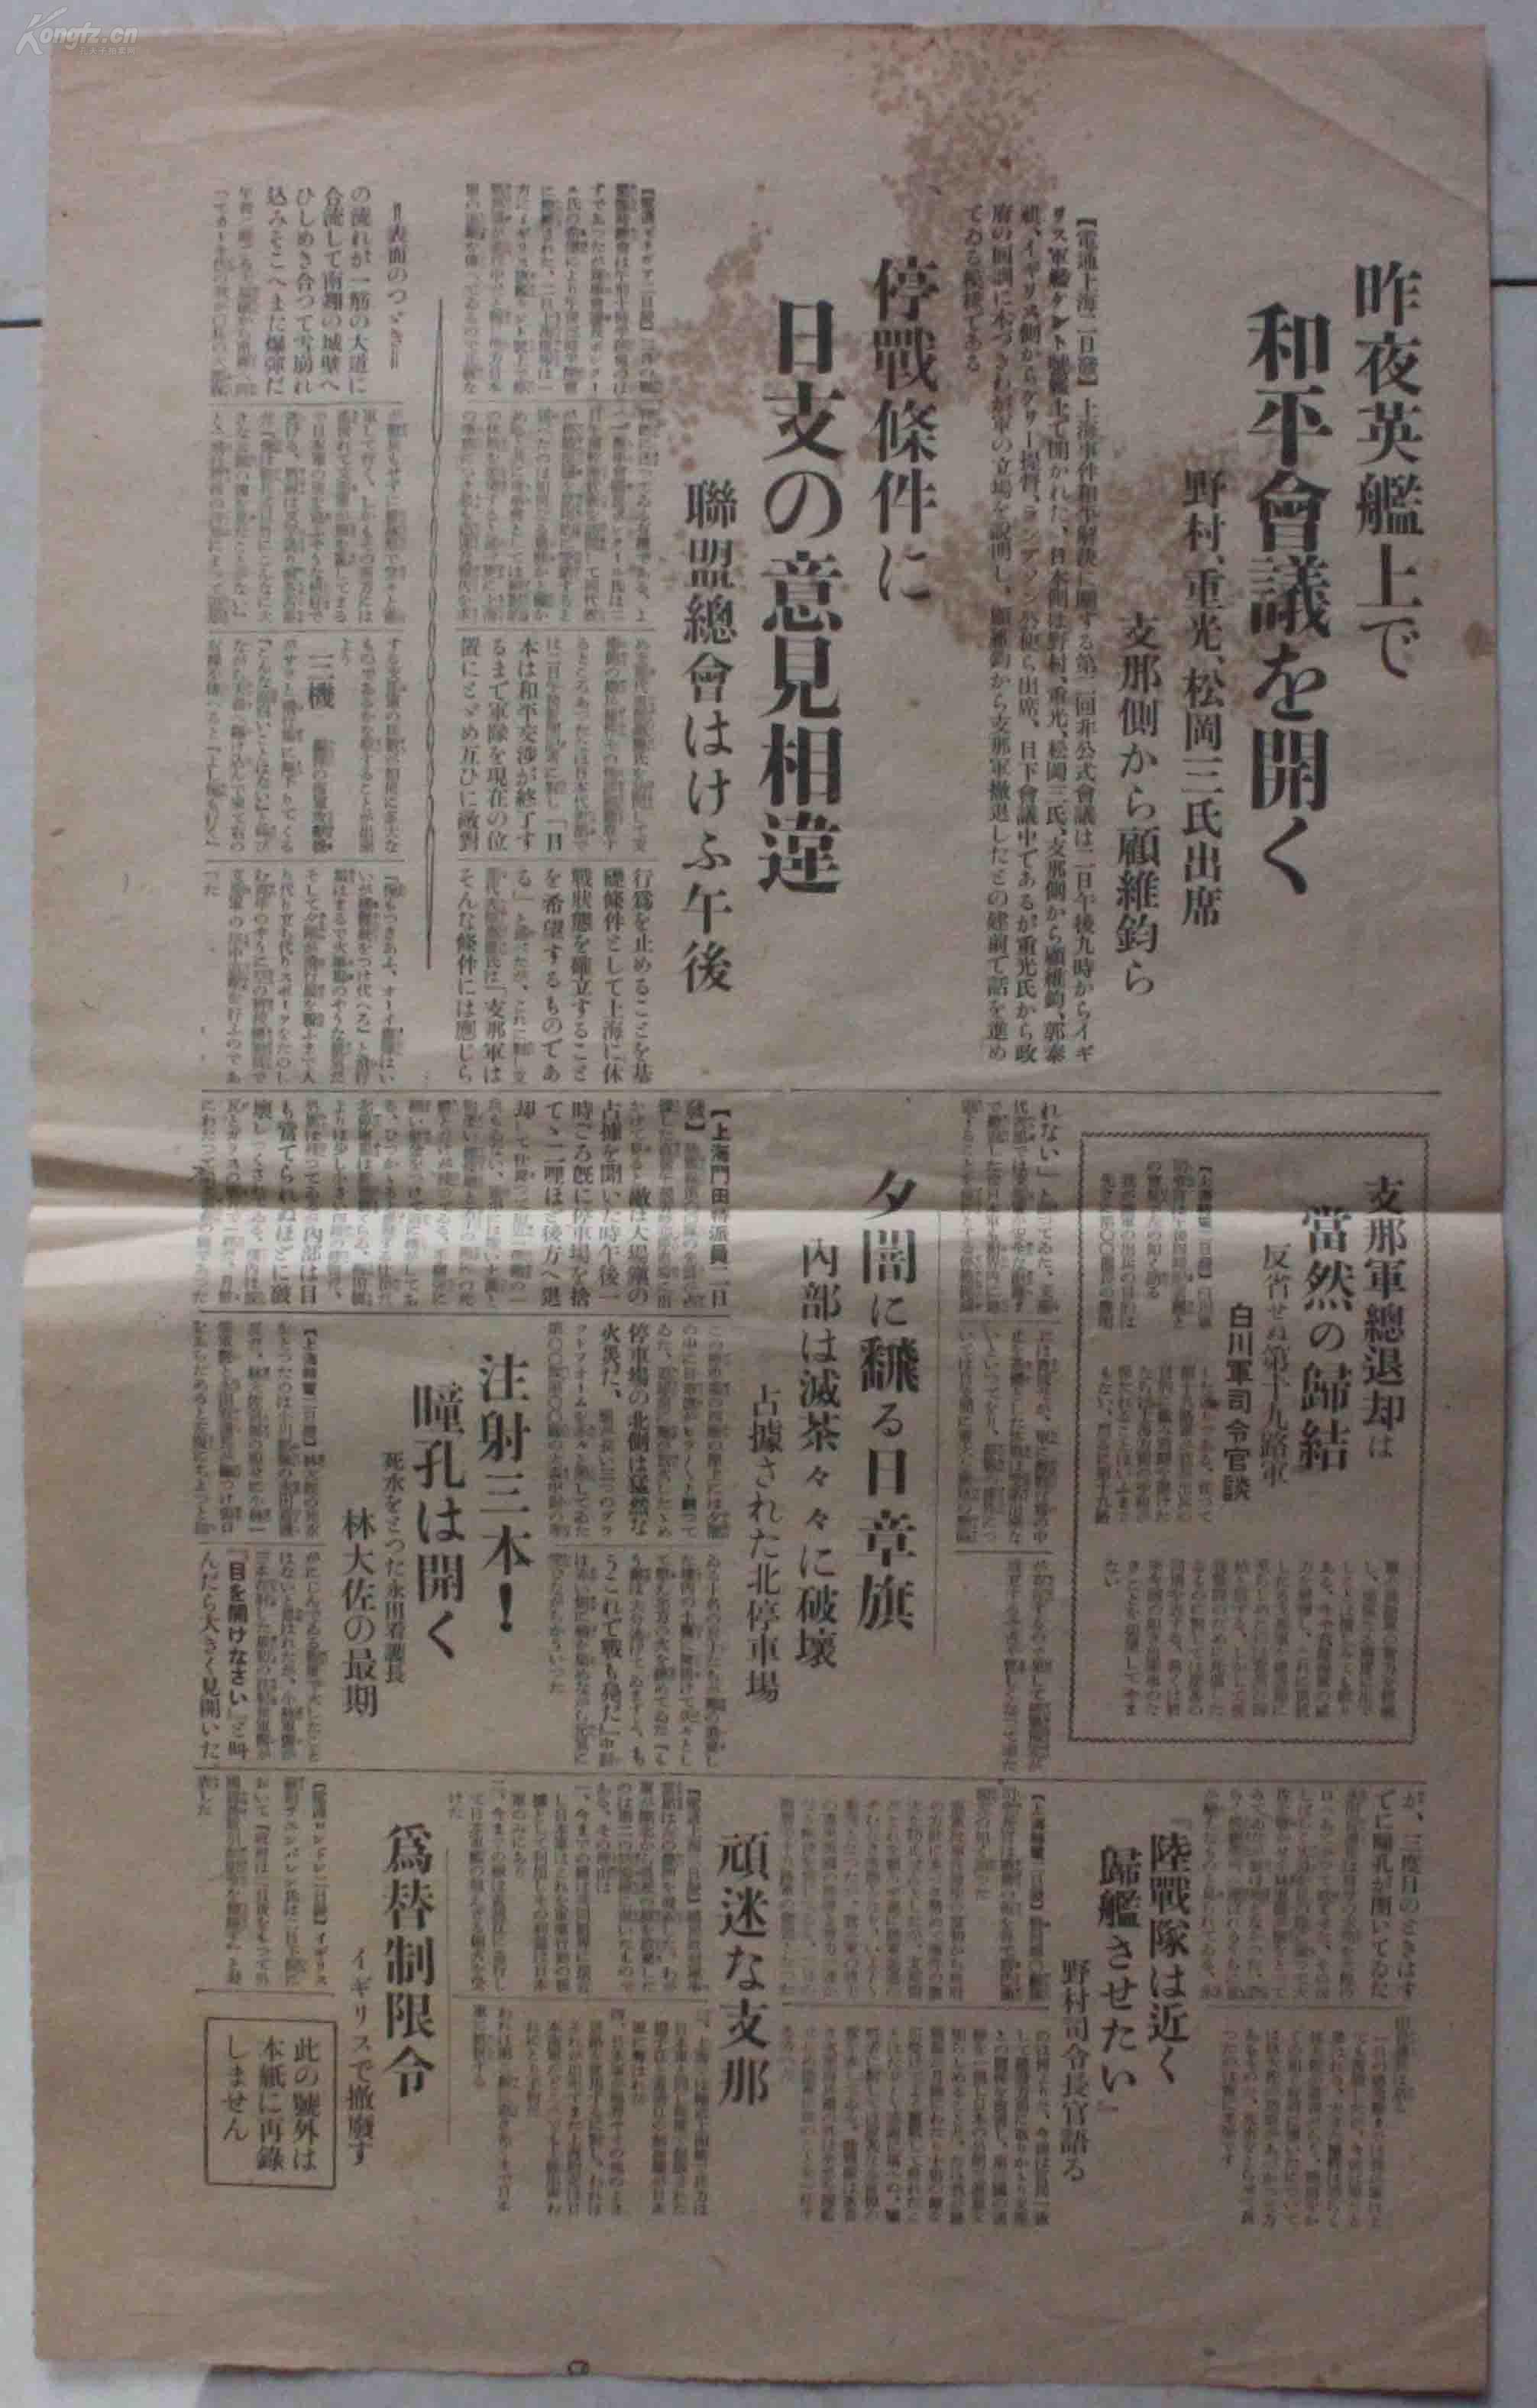 激战日记:大阪朝日范文格式(1932年3月3日)上海大场镇侵华,闸北十数所小学生史料新闻号外图片